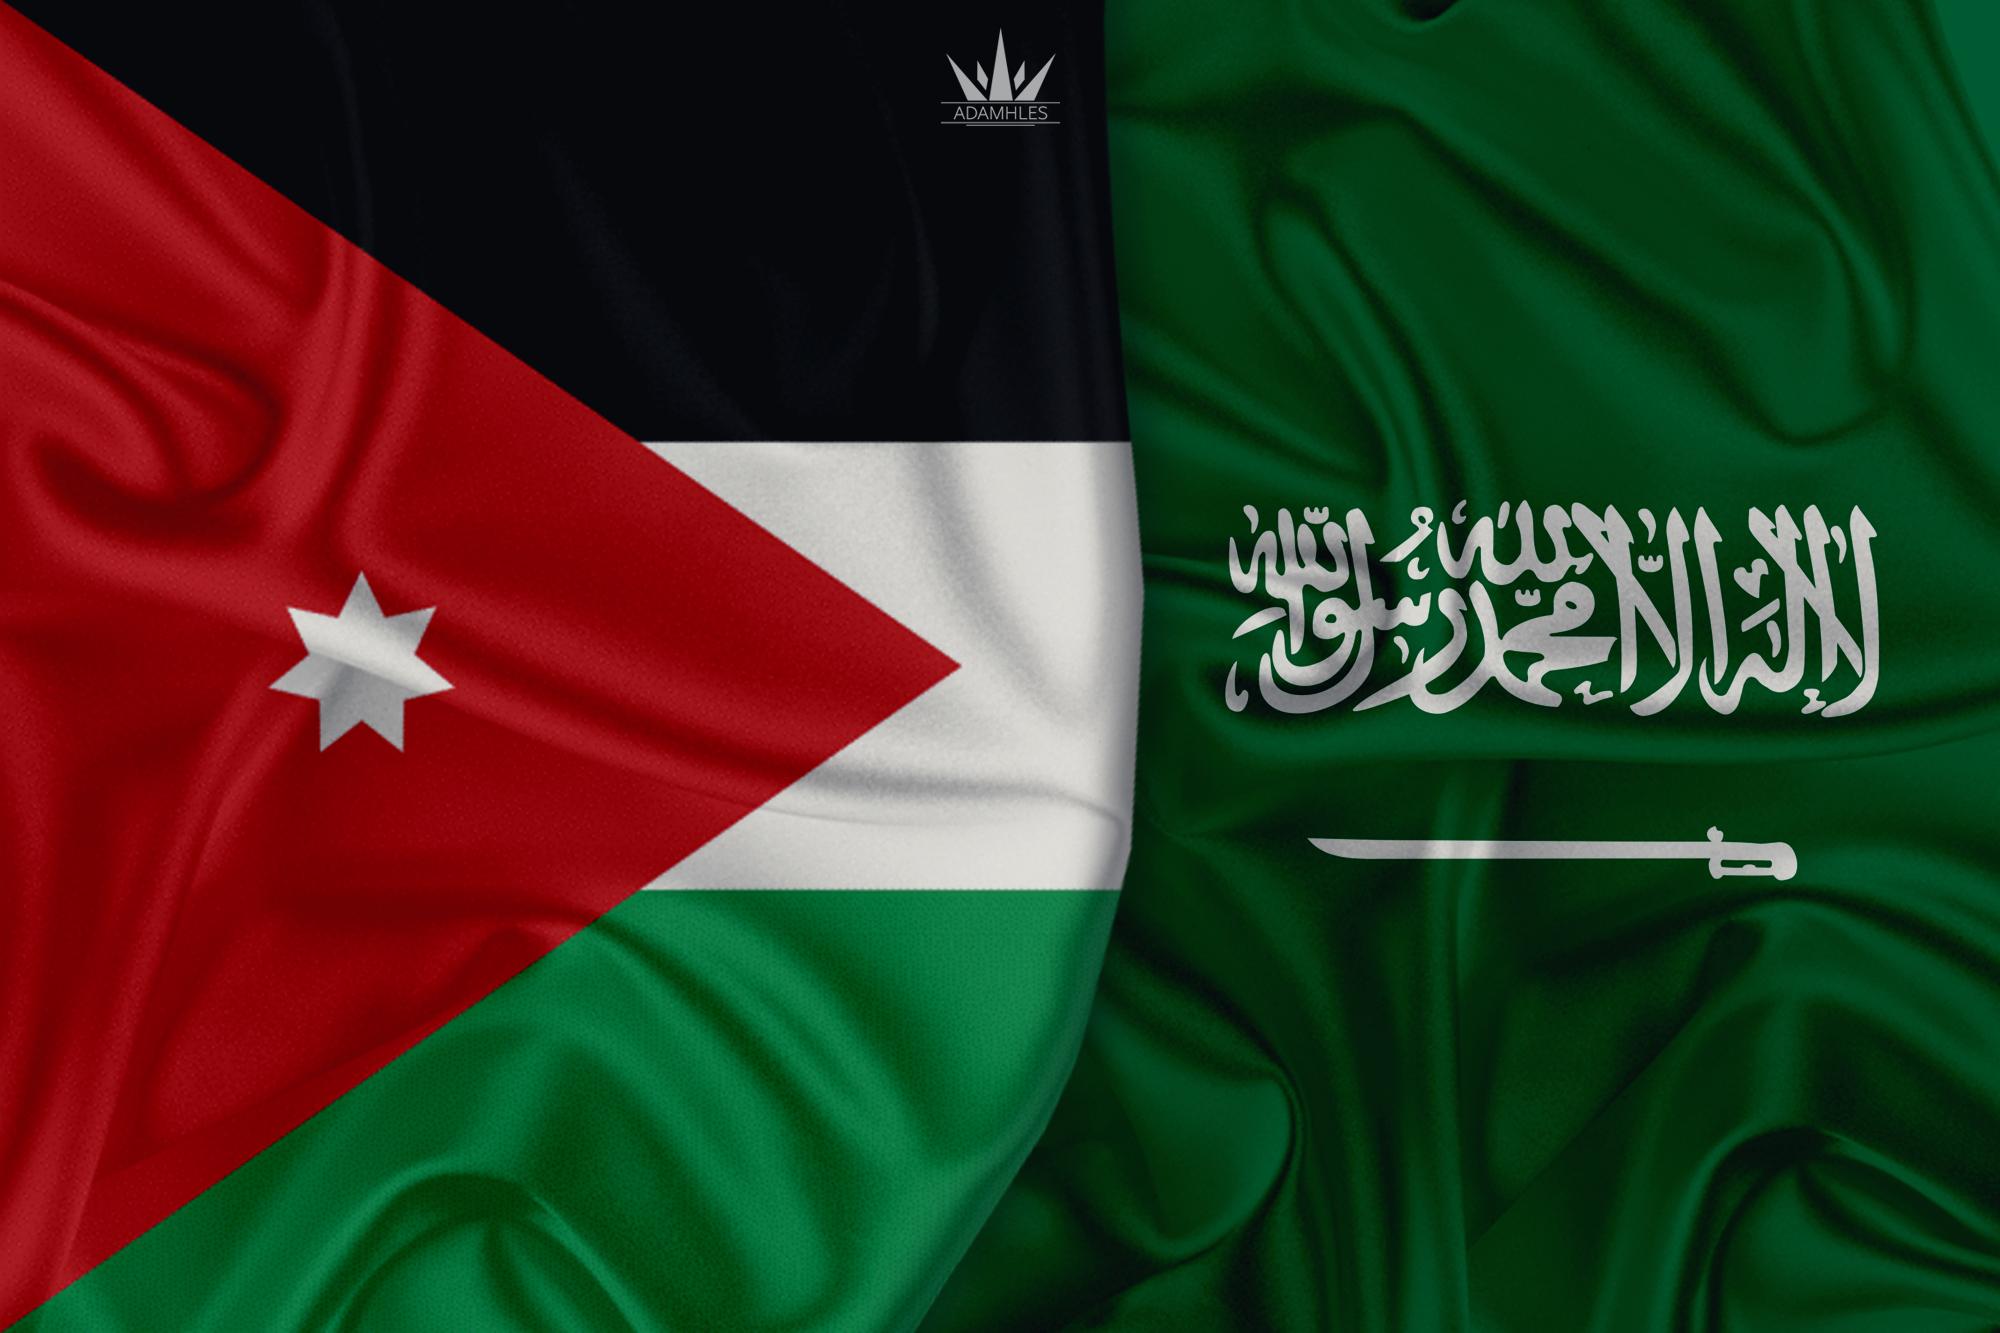 خلفية علم السعودية والاردن اجمل خلفيات العلم السعودي والعلم الاردني Jordan and Saudi Arabia